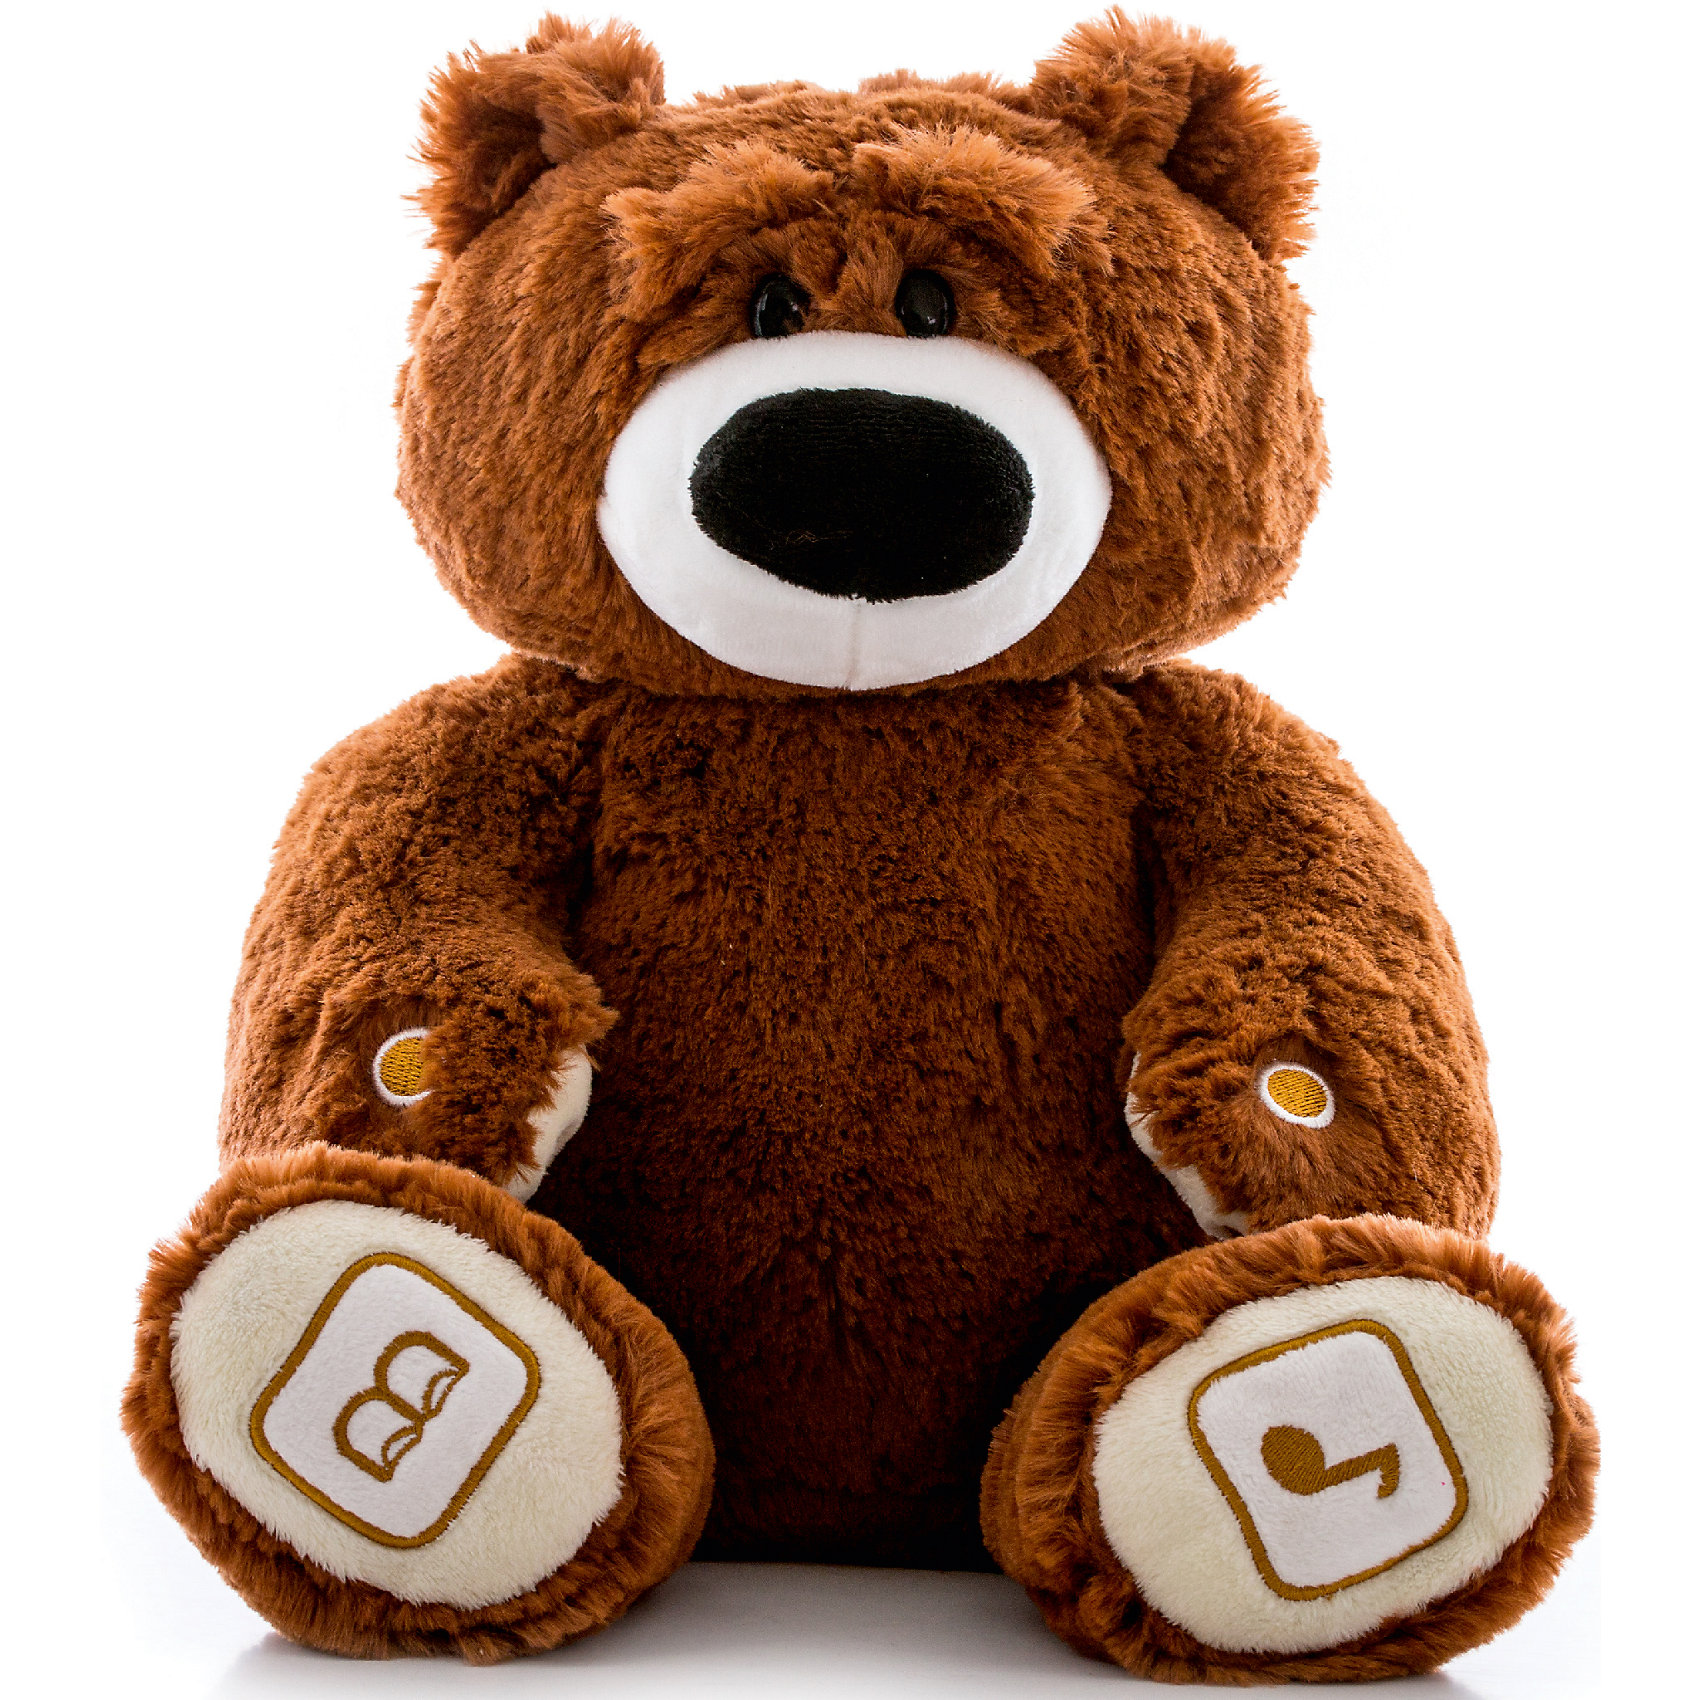 Интерактивный медведь, коричневый, Luvn LearnИнтерактивные мягкие игрушки<br>Характеристики товара:<br><br>- цвет: коричневый;<br>- материал: текстиль, пластик, металл;<br>- батарейки: 3xAА, в комплекте;<br>- размер упаковки: 27x34x23 см;<br>- вес : 1355 г;<br>- умеет петь, рассказывать сказки, записывать звуки, упоавляется через мобильные устройства, может быть гарнитурой для теелфона или skype.<br><br>Такая игрушка в виде медведя снанет отличным подарком и для взрослого и для ребенка. Это разработка нового поколения, имеющая множество функций! Она поможет ребенку весело проводить время - мишка петь, рассказывать сказки, записывать звуки, упоавляется через мобильные устройства, может быть гарнитурой для телефона или skype. Это выглядит очень забавно! Чтобы исследовать все функции медведя, нужно устоновить на смартфон бесплатное прриложение.<br>Медведь способен помогать всестороннему развитию ребенка: развивать тактильное восприятие, мелкую моторику, воображение, внимание и логику. Изделие произведено из качественных материалов, безопасных для ребенка. Оно станет отличным подарком детям!<br><br>Игрушку Интерактивный медведь от брендаLuvn Learn можно купить в нашем интернет-магазине.<br><br>Ширина мм: 220<br>Глубина мм: 340<br>Высота мм: 270<br>Вес г: 2000<br>Возраст от месяцев: 36<br>Возраст до месяцев: 2147483647<br>Пол: Унисекс<br>Возраст: Детский<br>SKU: 5141879